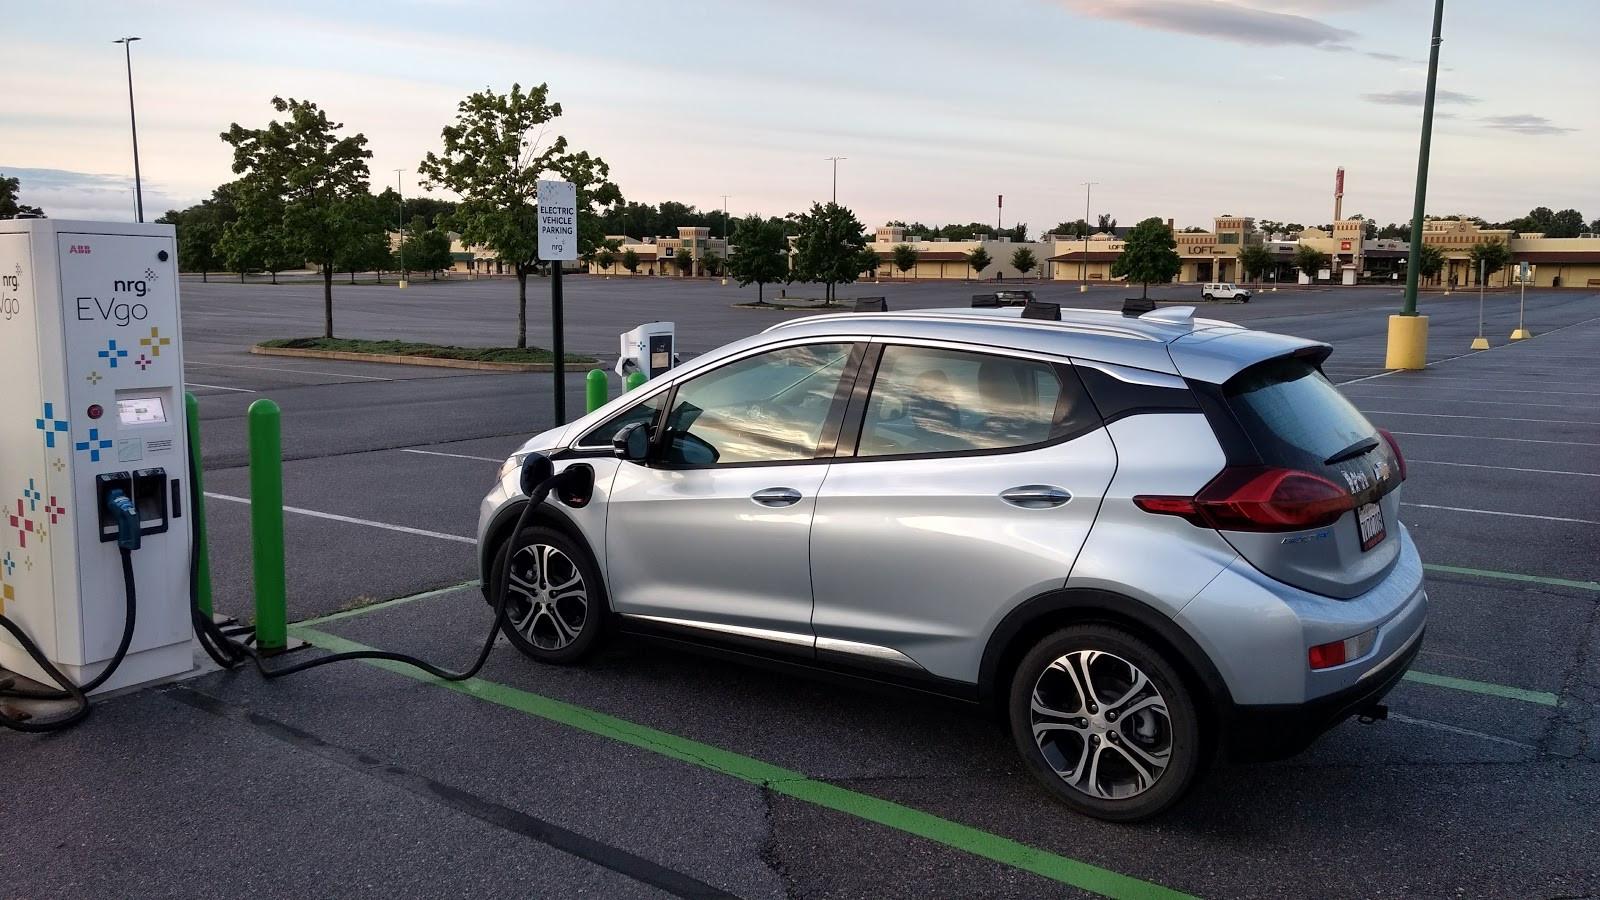 Tesla Model Sпроиграла «бюджетной» Шевроле Bolt вдальности хода— Автоновости